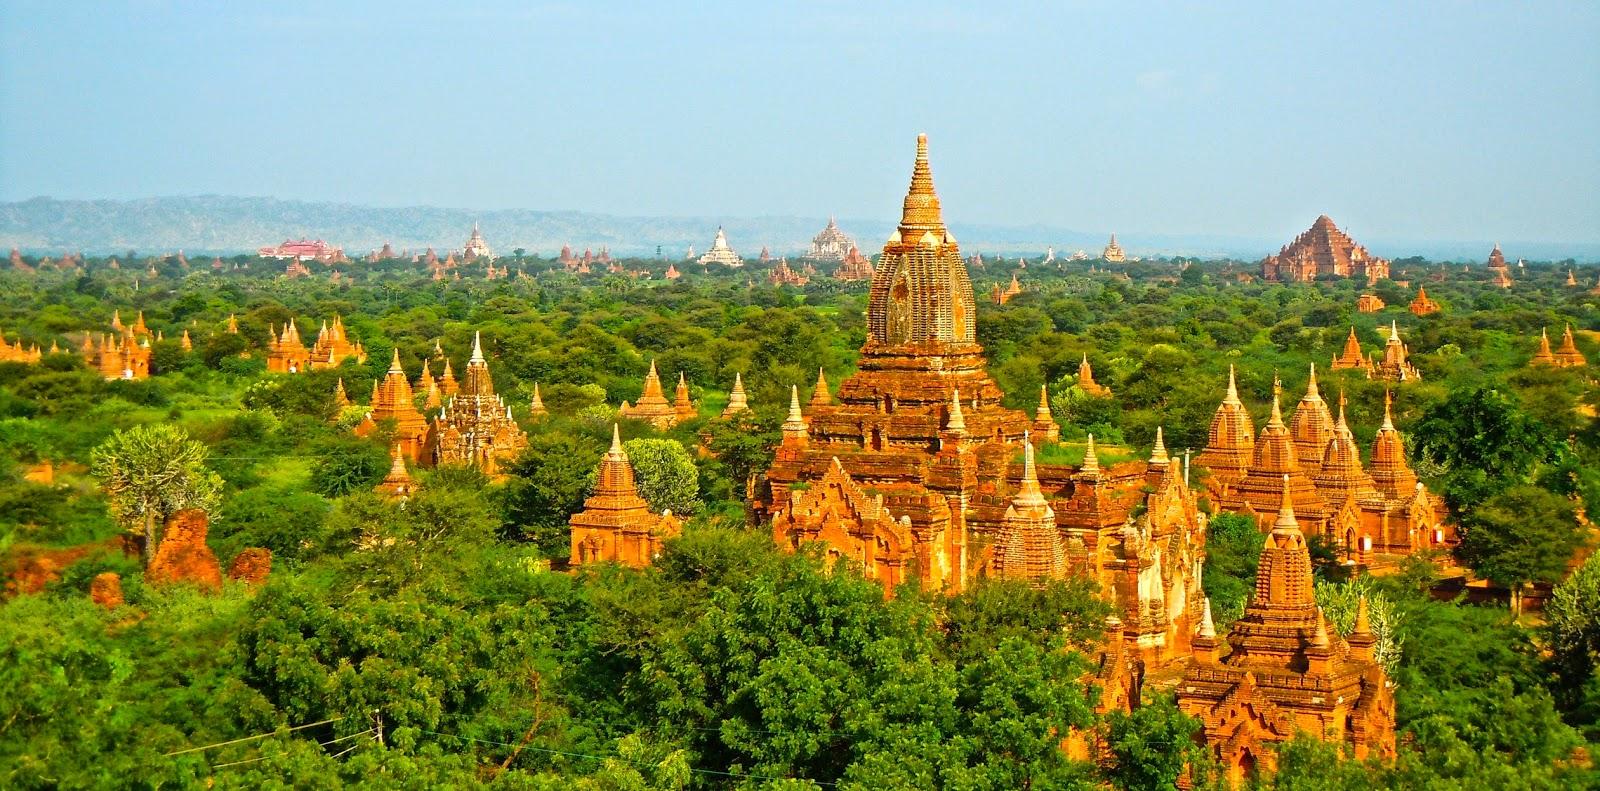 Un excellent circuit noces thailande avec thailandevo.com